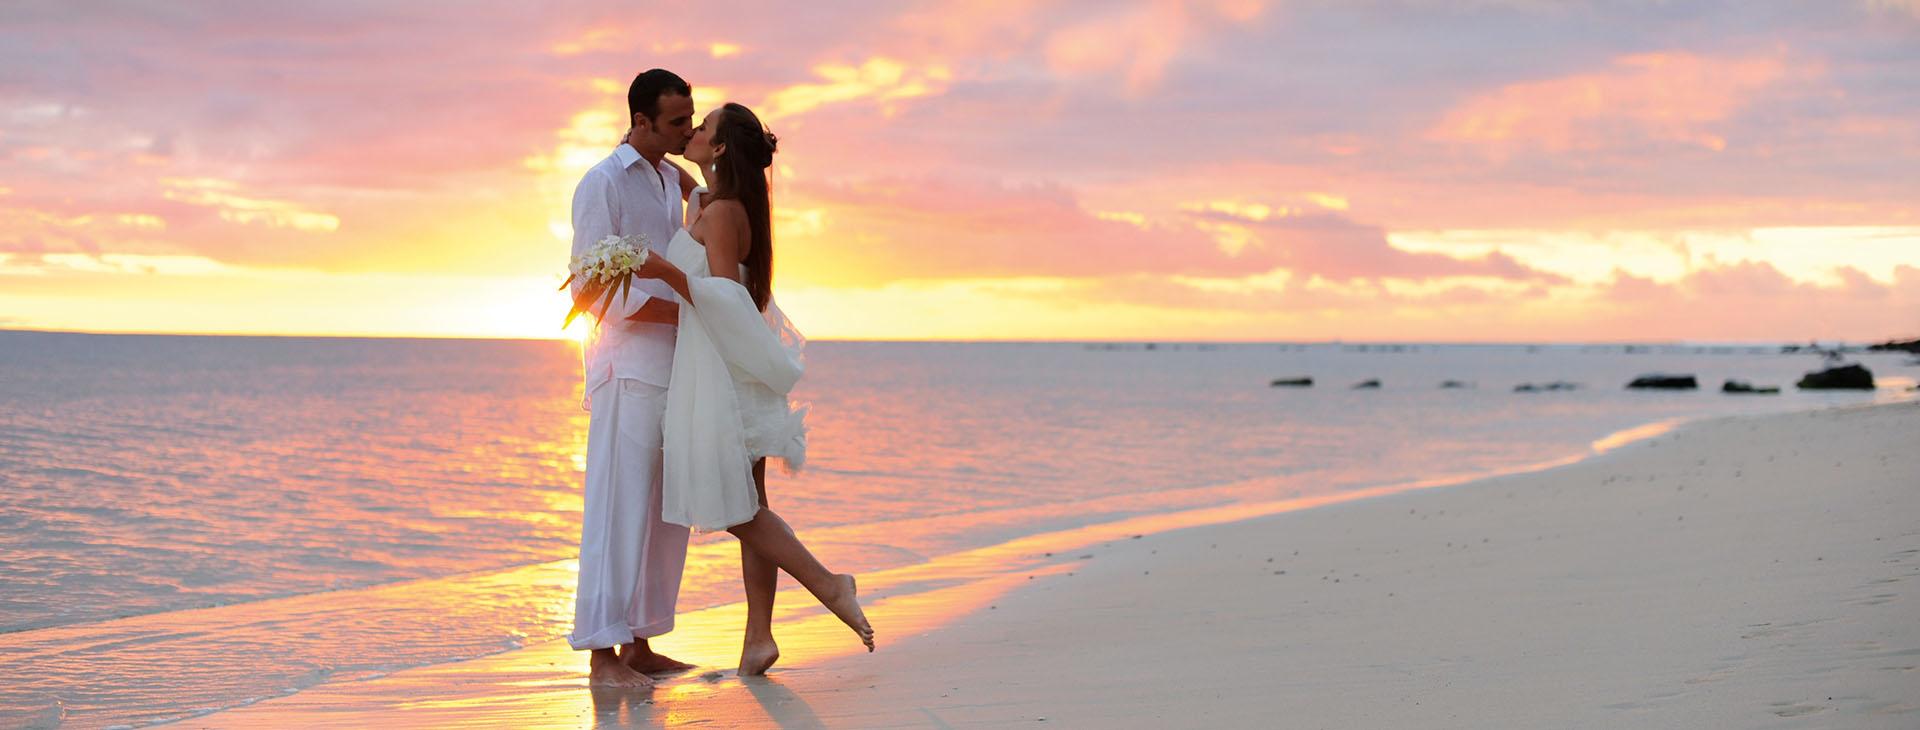 Weddings & Honeymoons